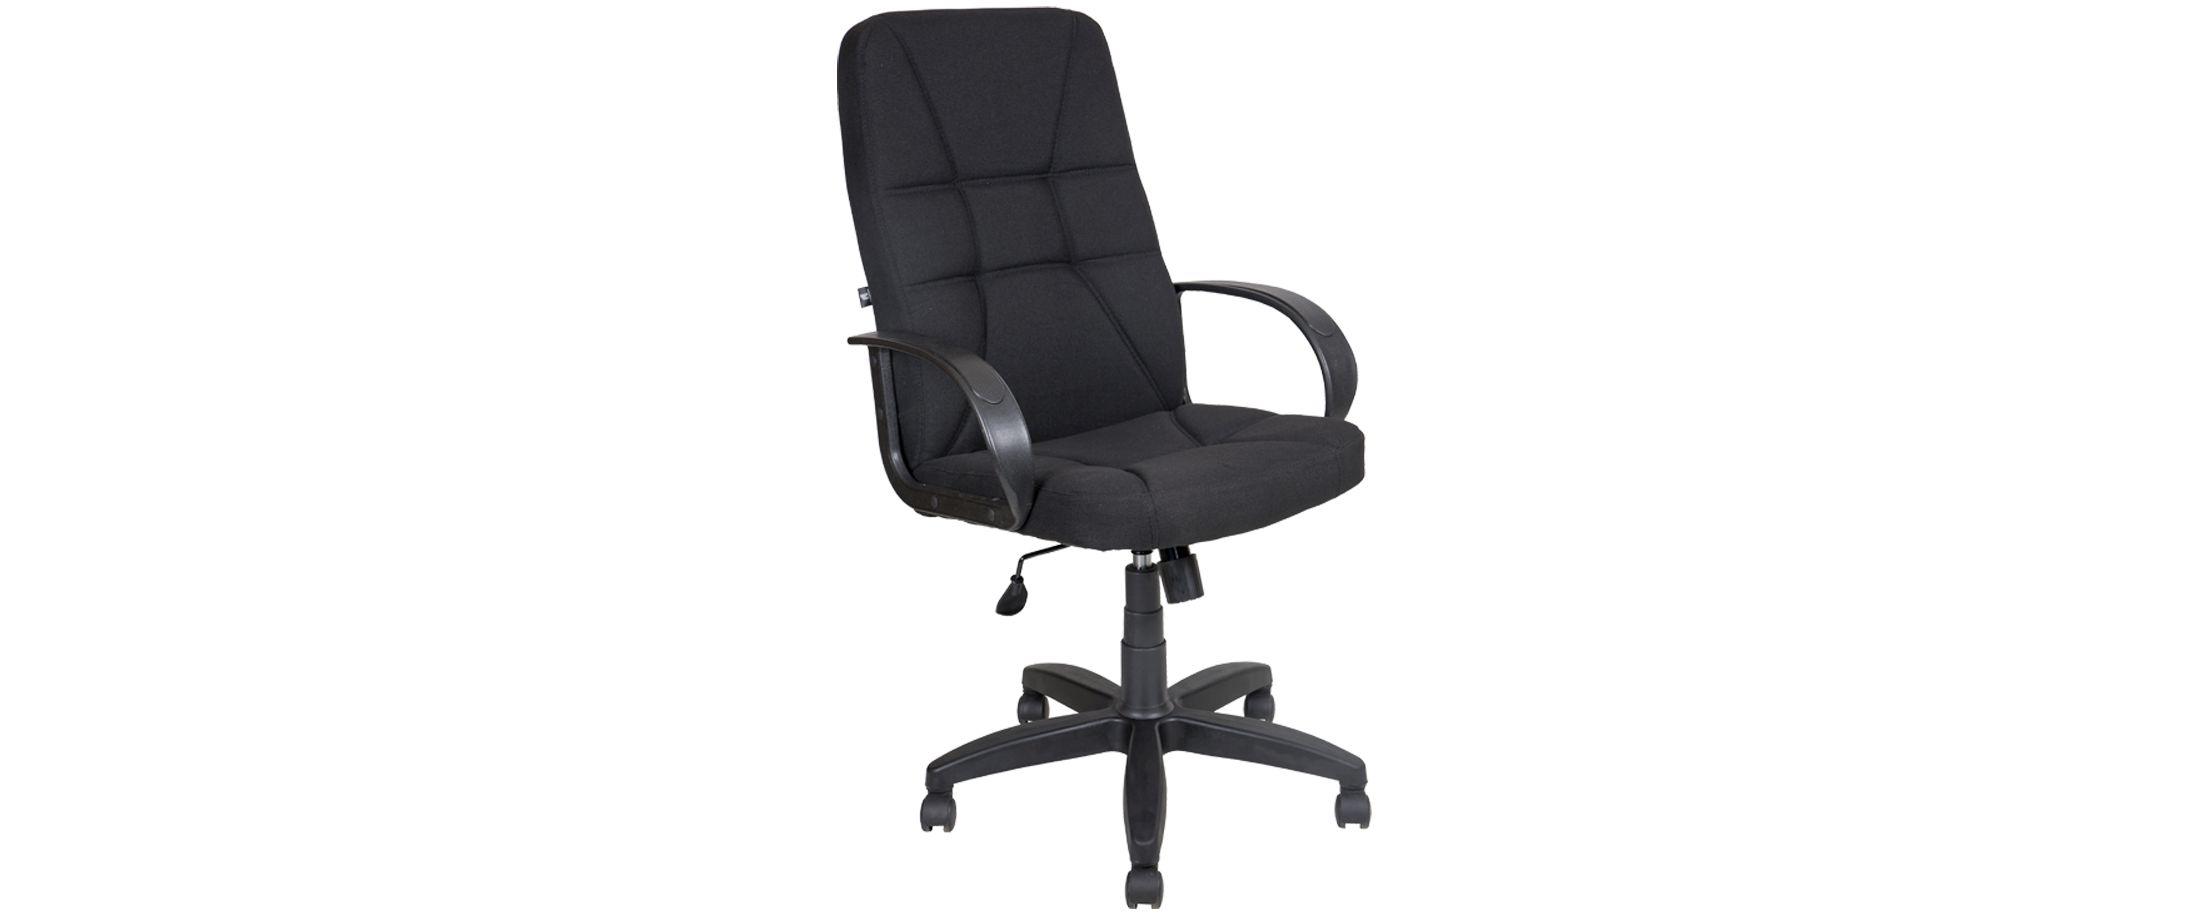 Кресло офисное AV 114 тканевое черное Модель 999Кресло офисное AV 114 тканевое черное Модель 999. Артикул Д000681<br>